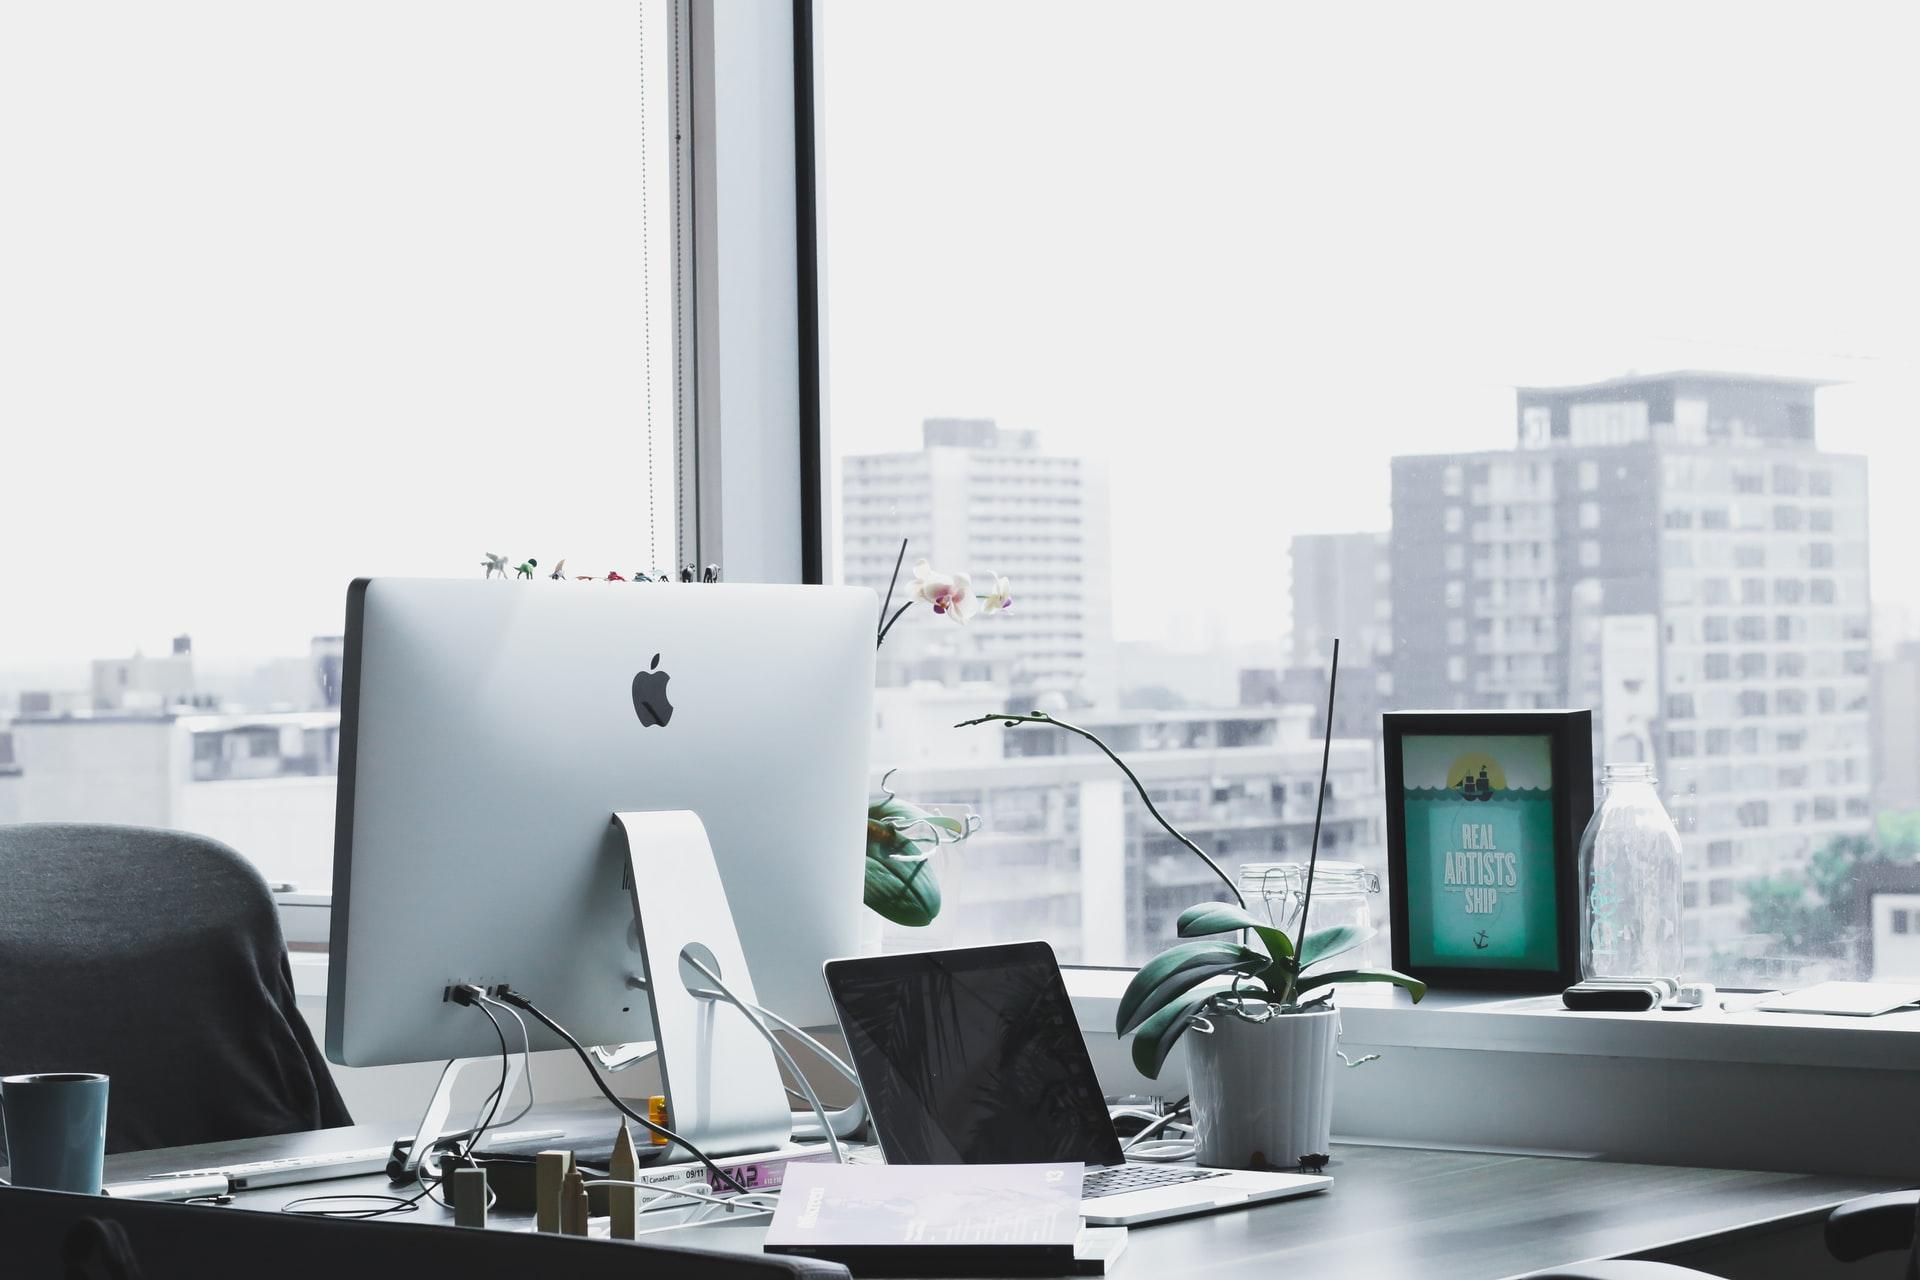 Production de contenus : que mettre dans son organisation pour être plus efficace ?